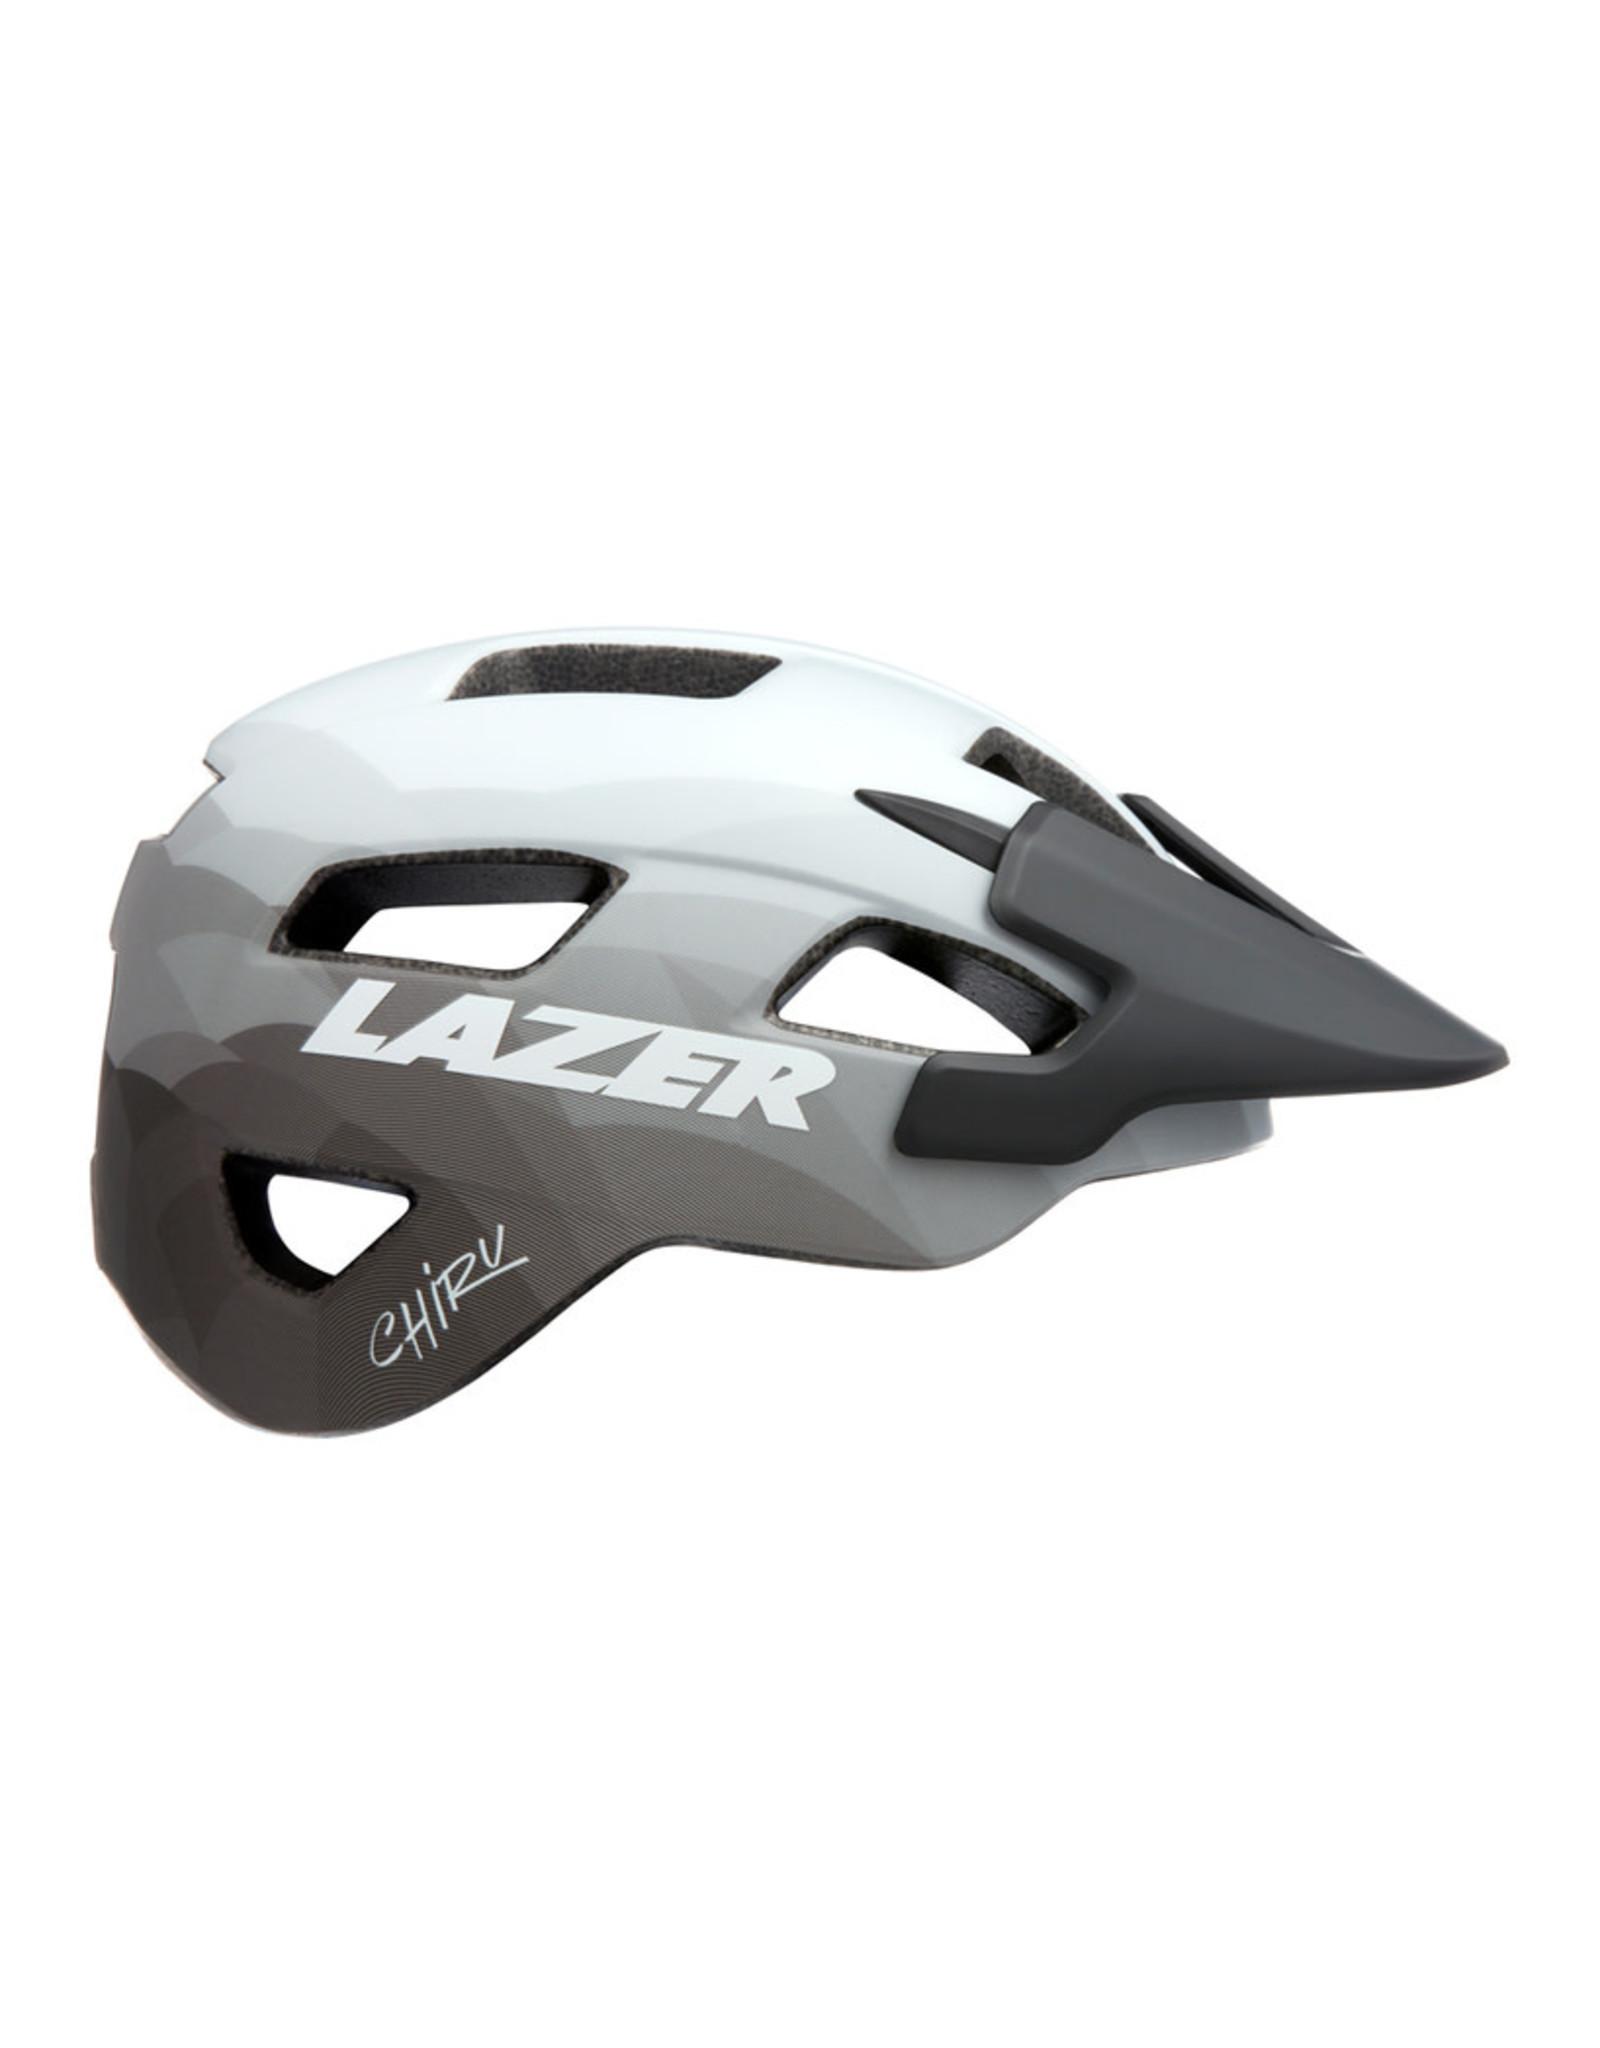 LAZER Lazer Chiru Helmet with MIPS